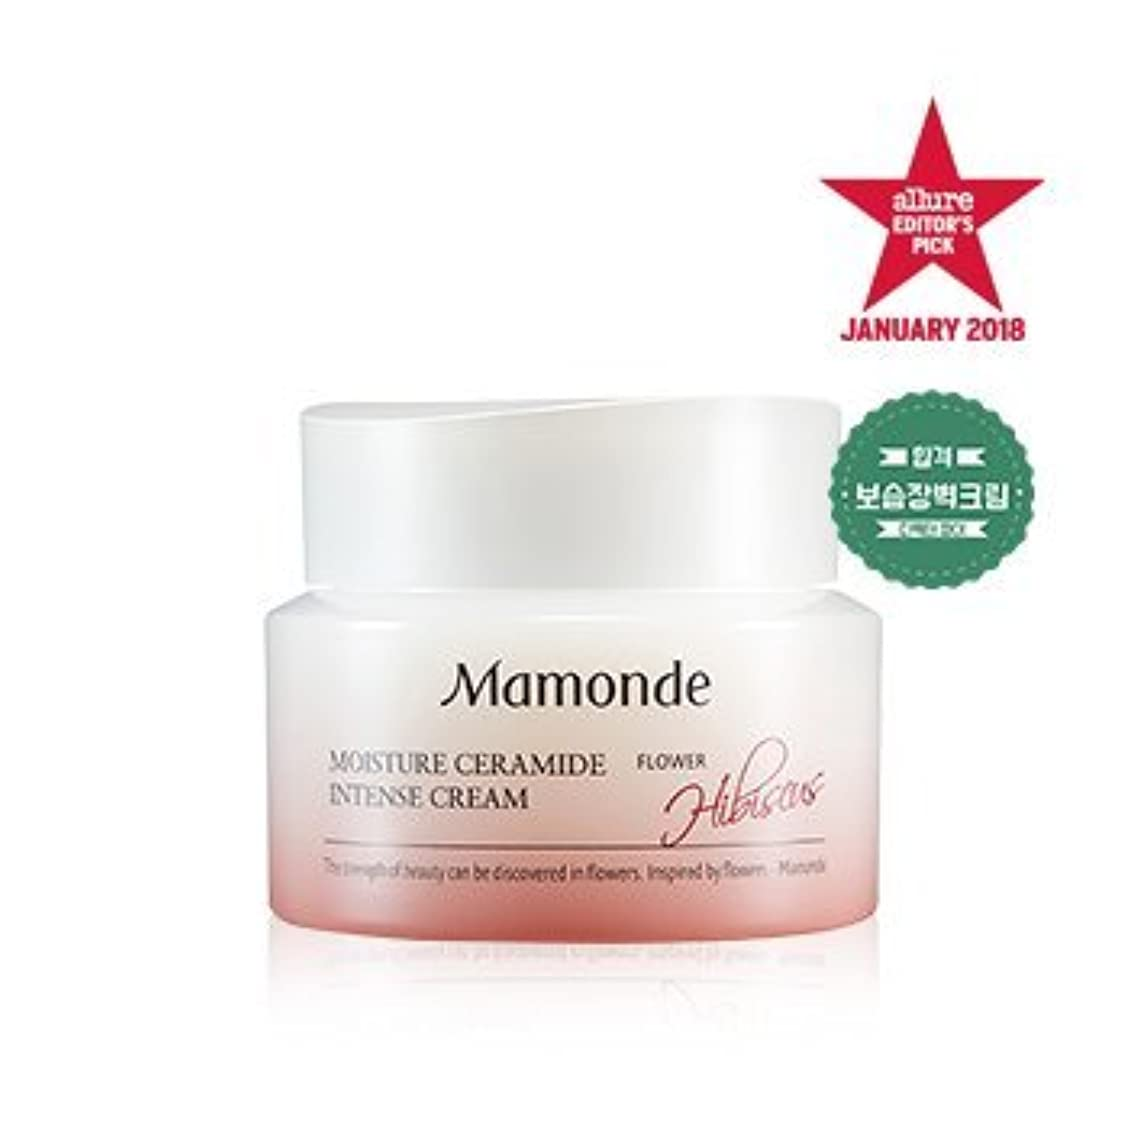 ダウン枝マインドフル[MAMONDE] モイスチャーセラミドインテンシブクリーム / Moisture Ceramide Intense cream 50ml [並行輸入品]